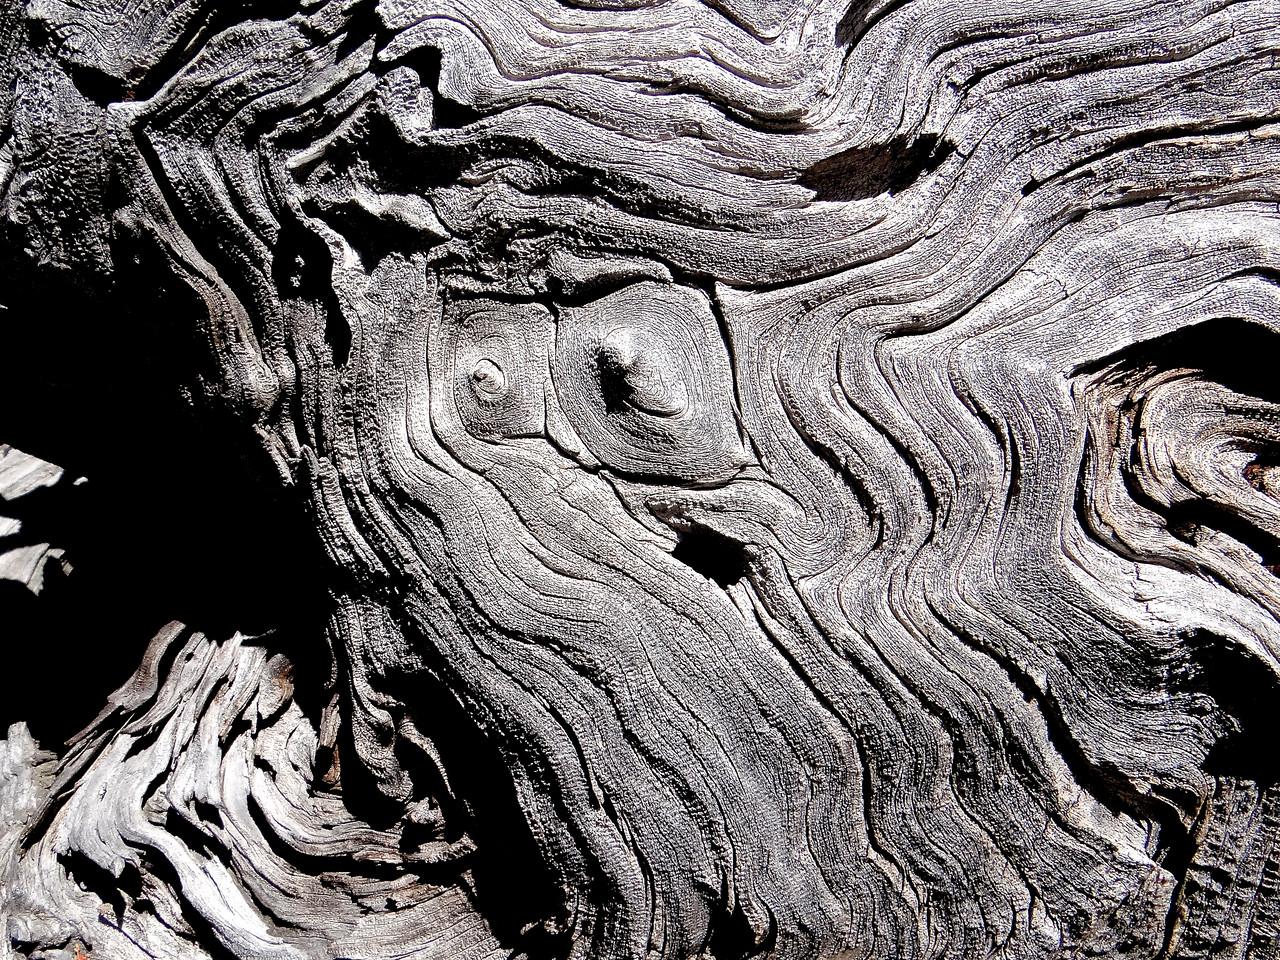 Stump creature